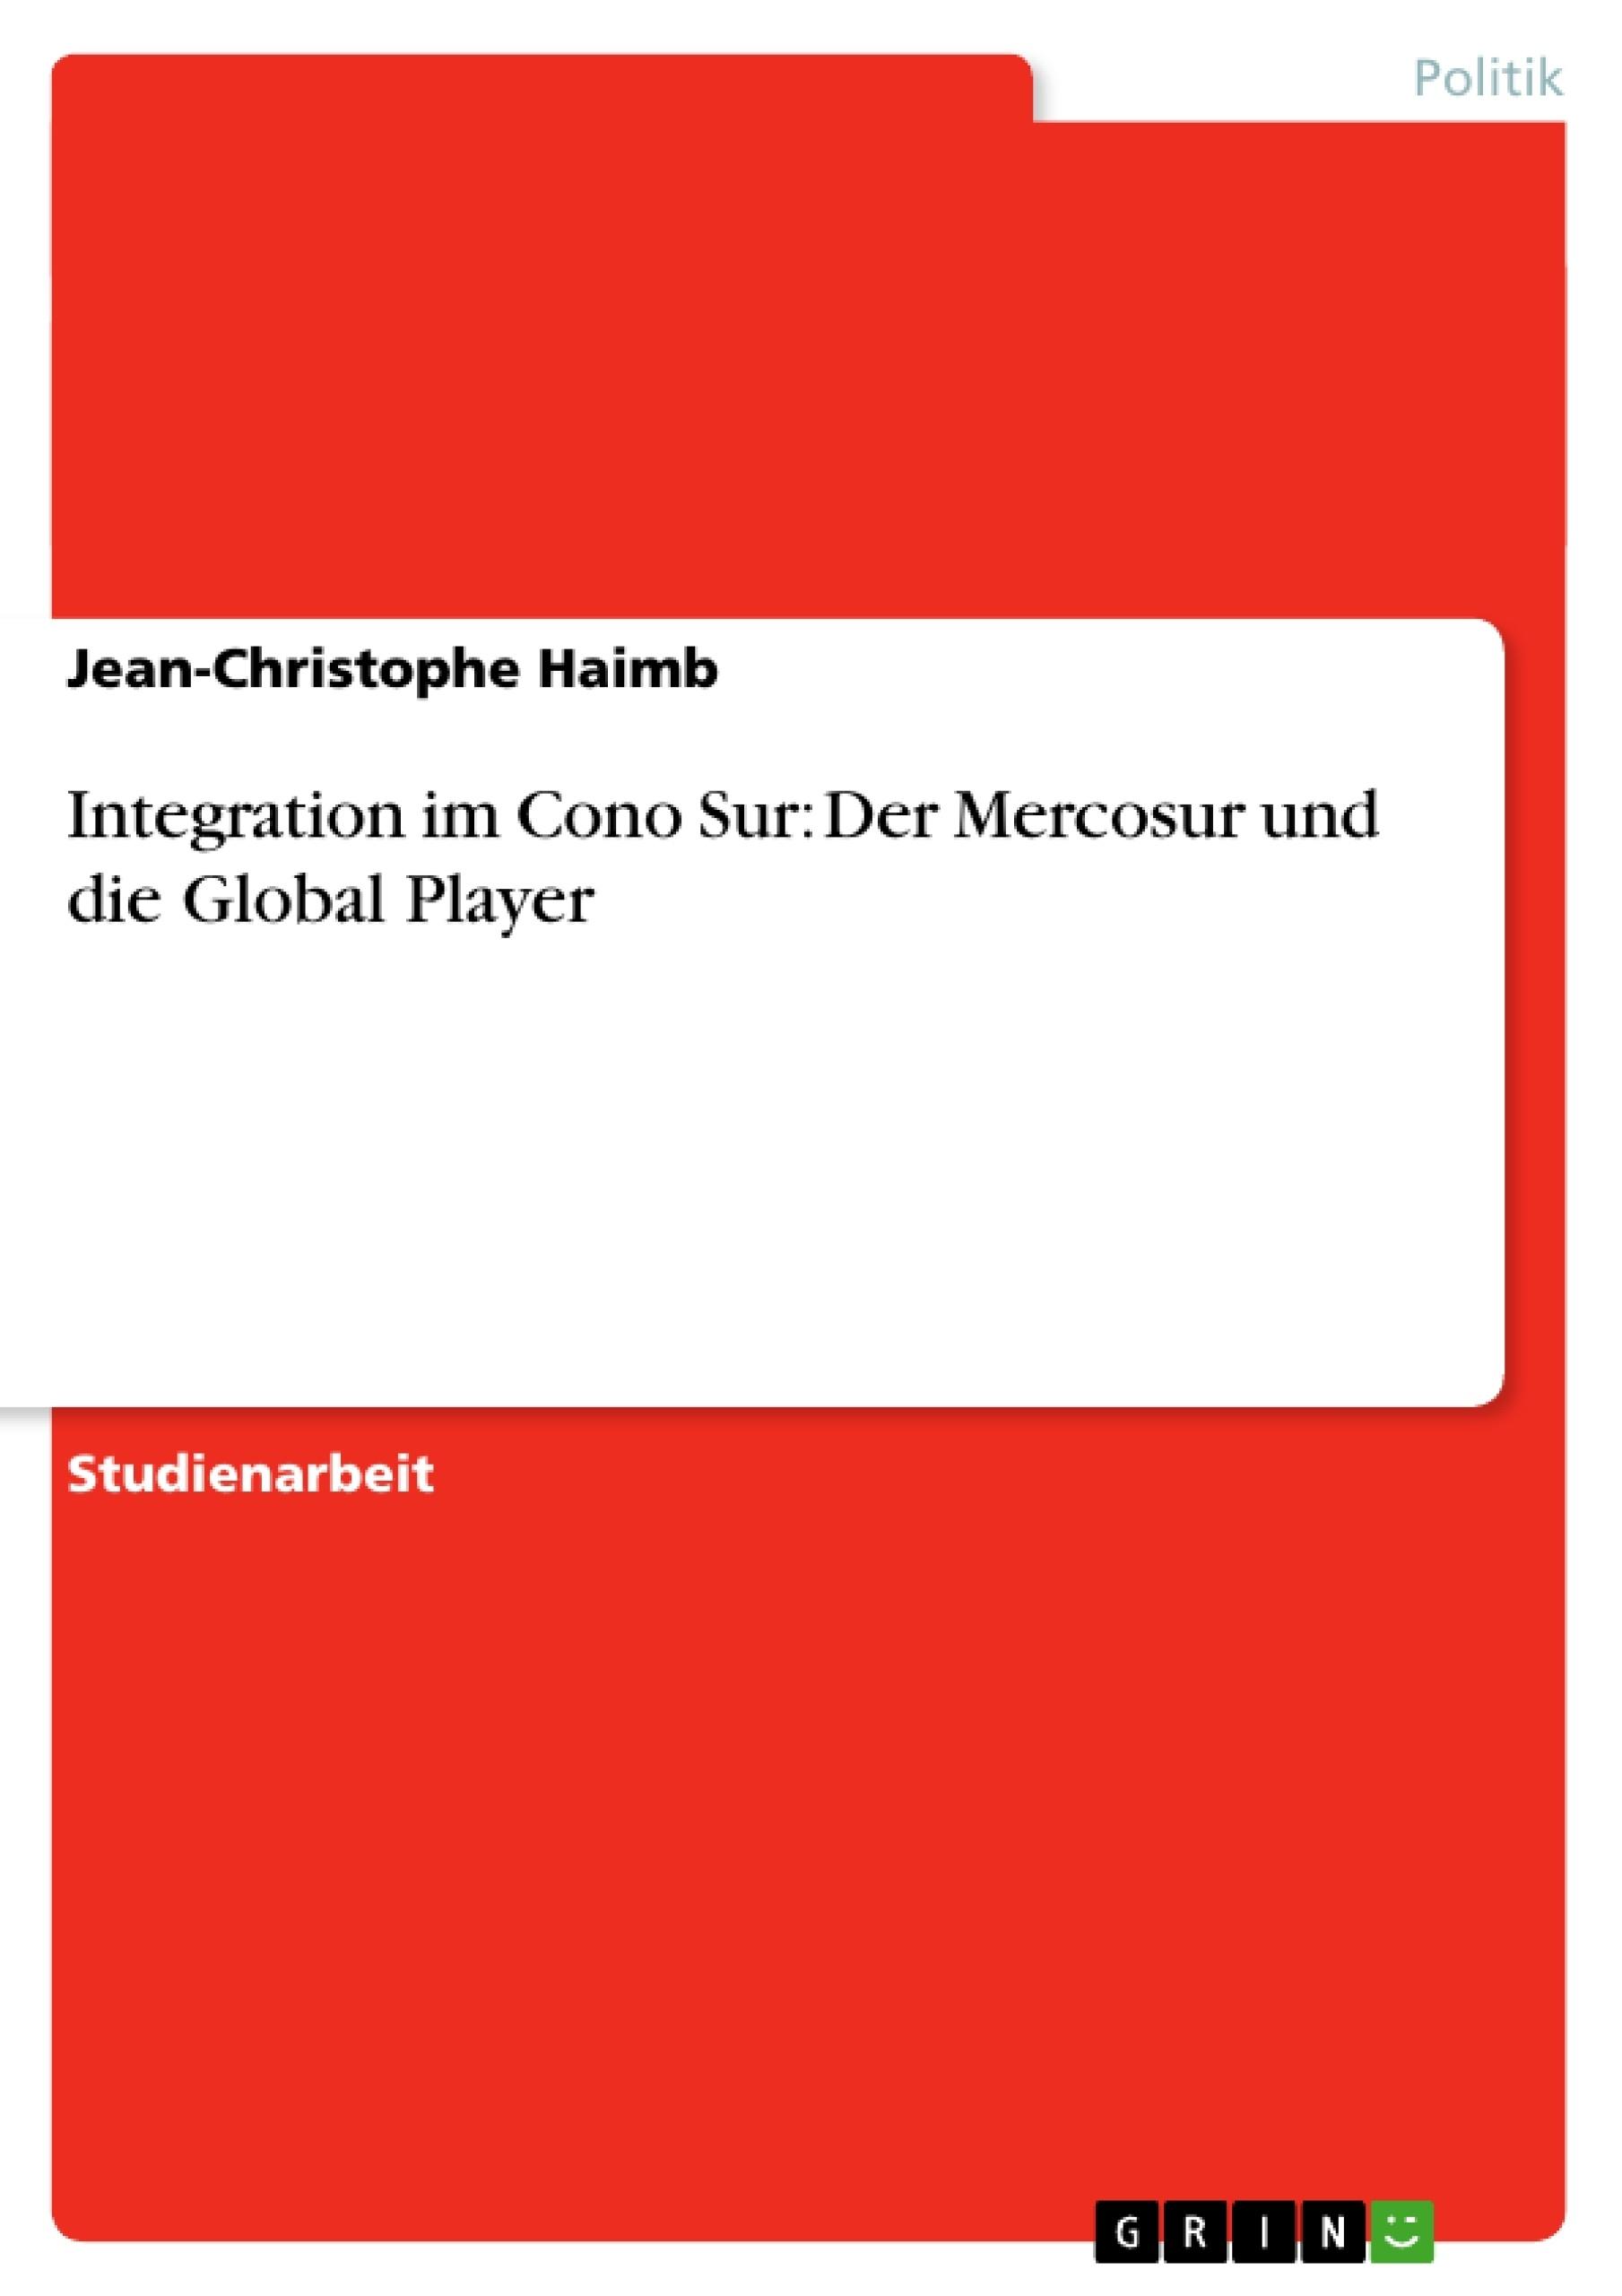 Titel: Integration im Cono Sur: Der Mercosur und die Global Player